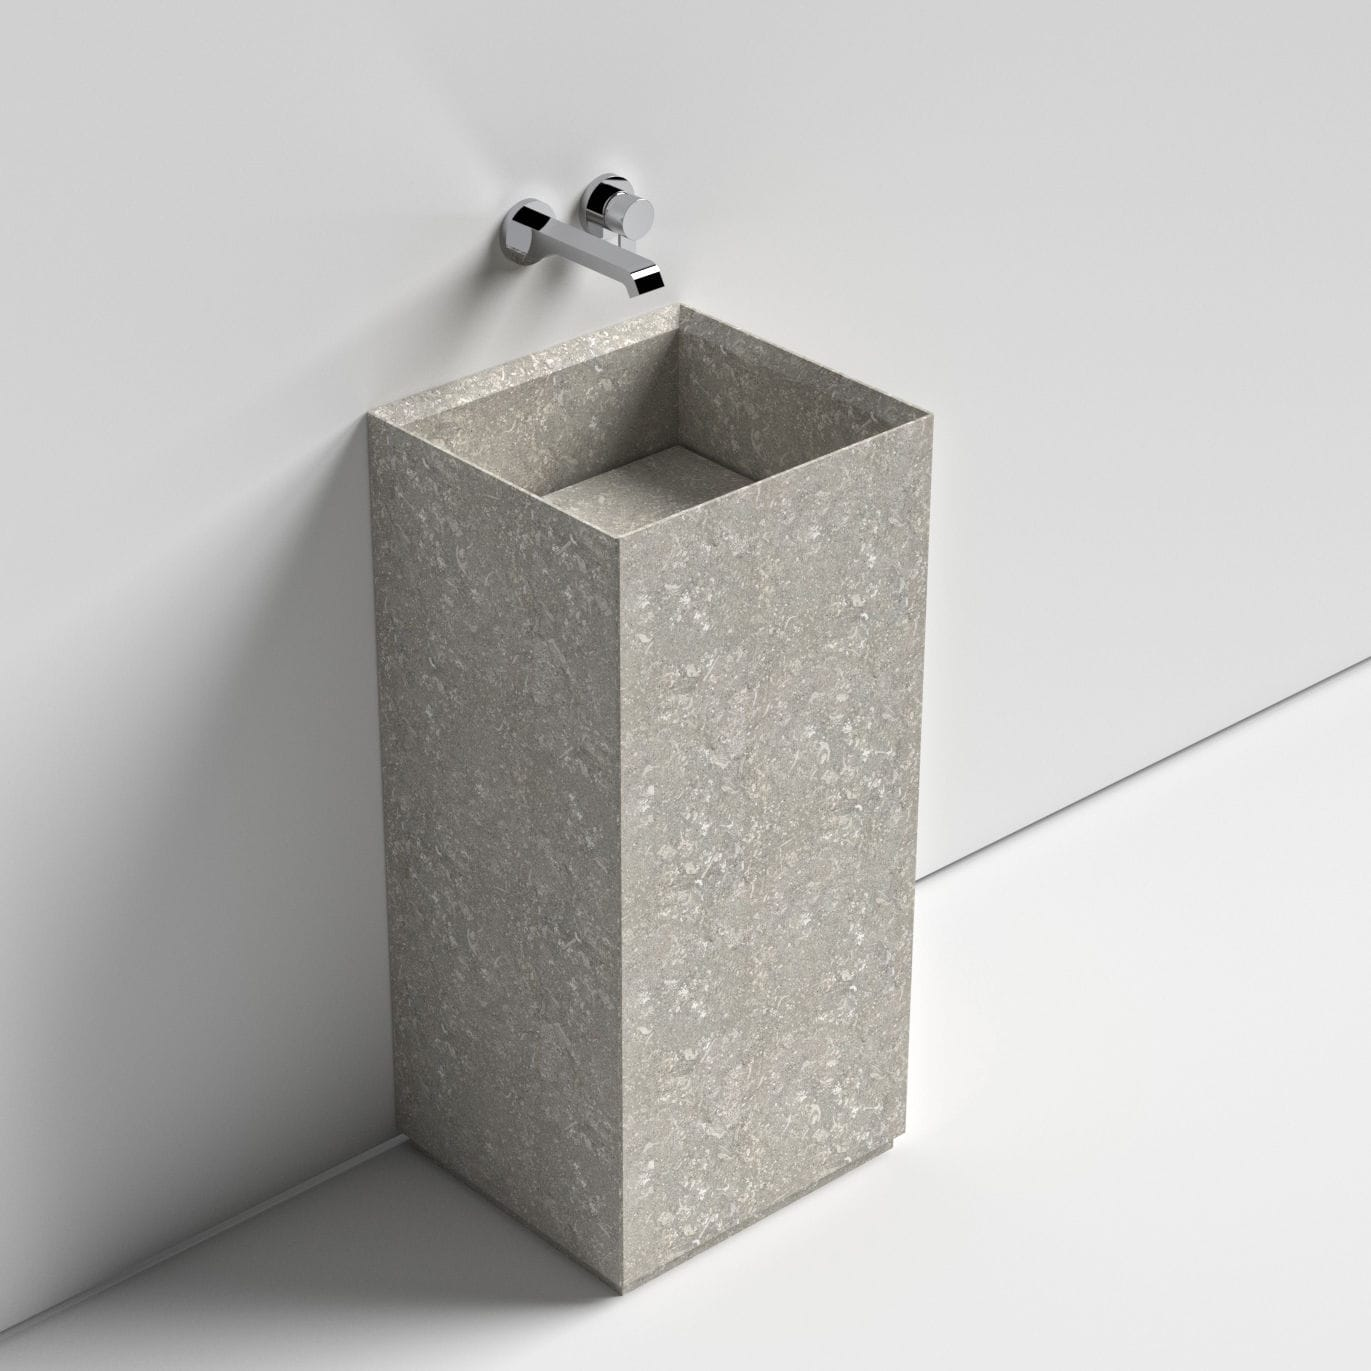 Waschbecken freistehend naturstein  Freistehend-Waschbecken / rechteckig / aus Naturstein / modern ...